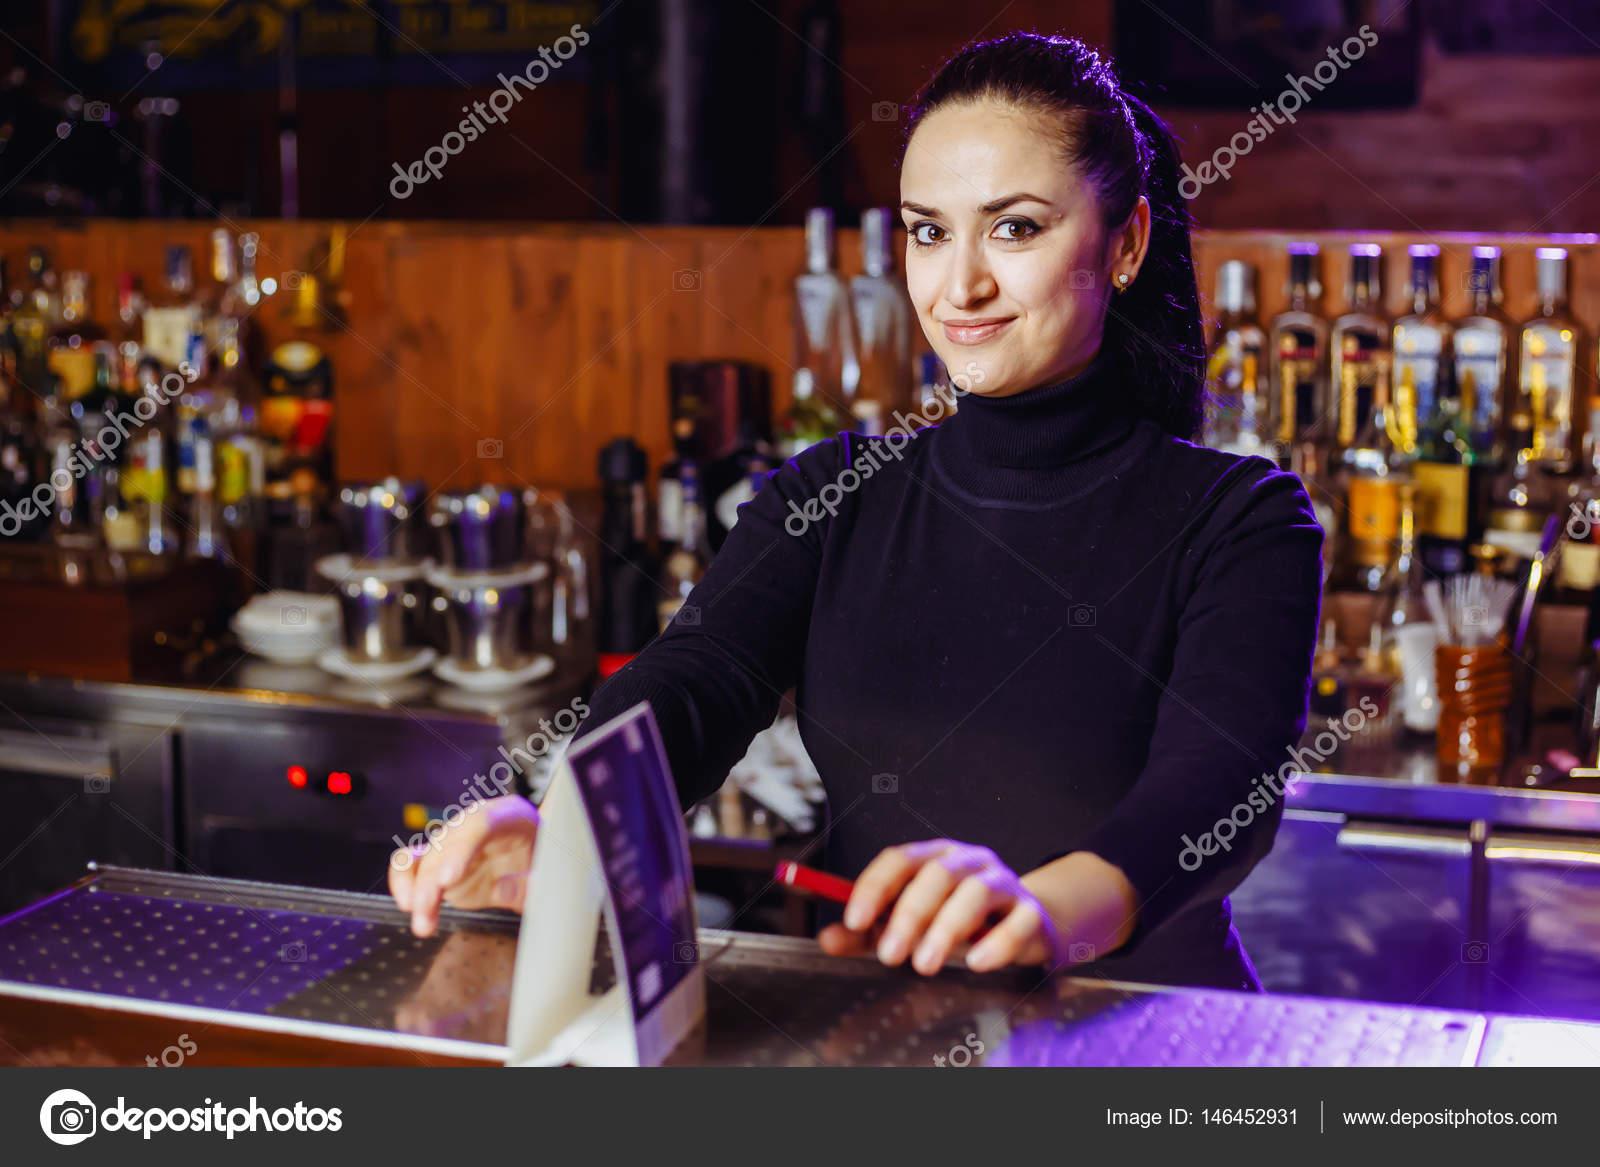 incontri una ragazza barista lento datazione Newcastle upon Tyne